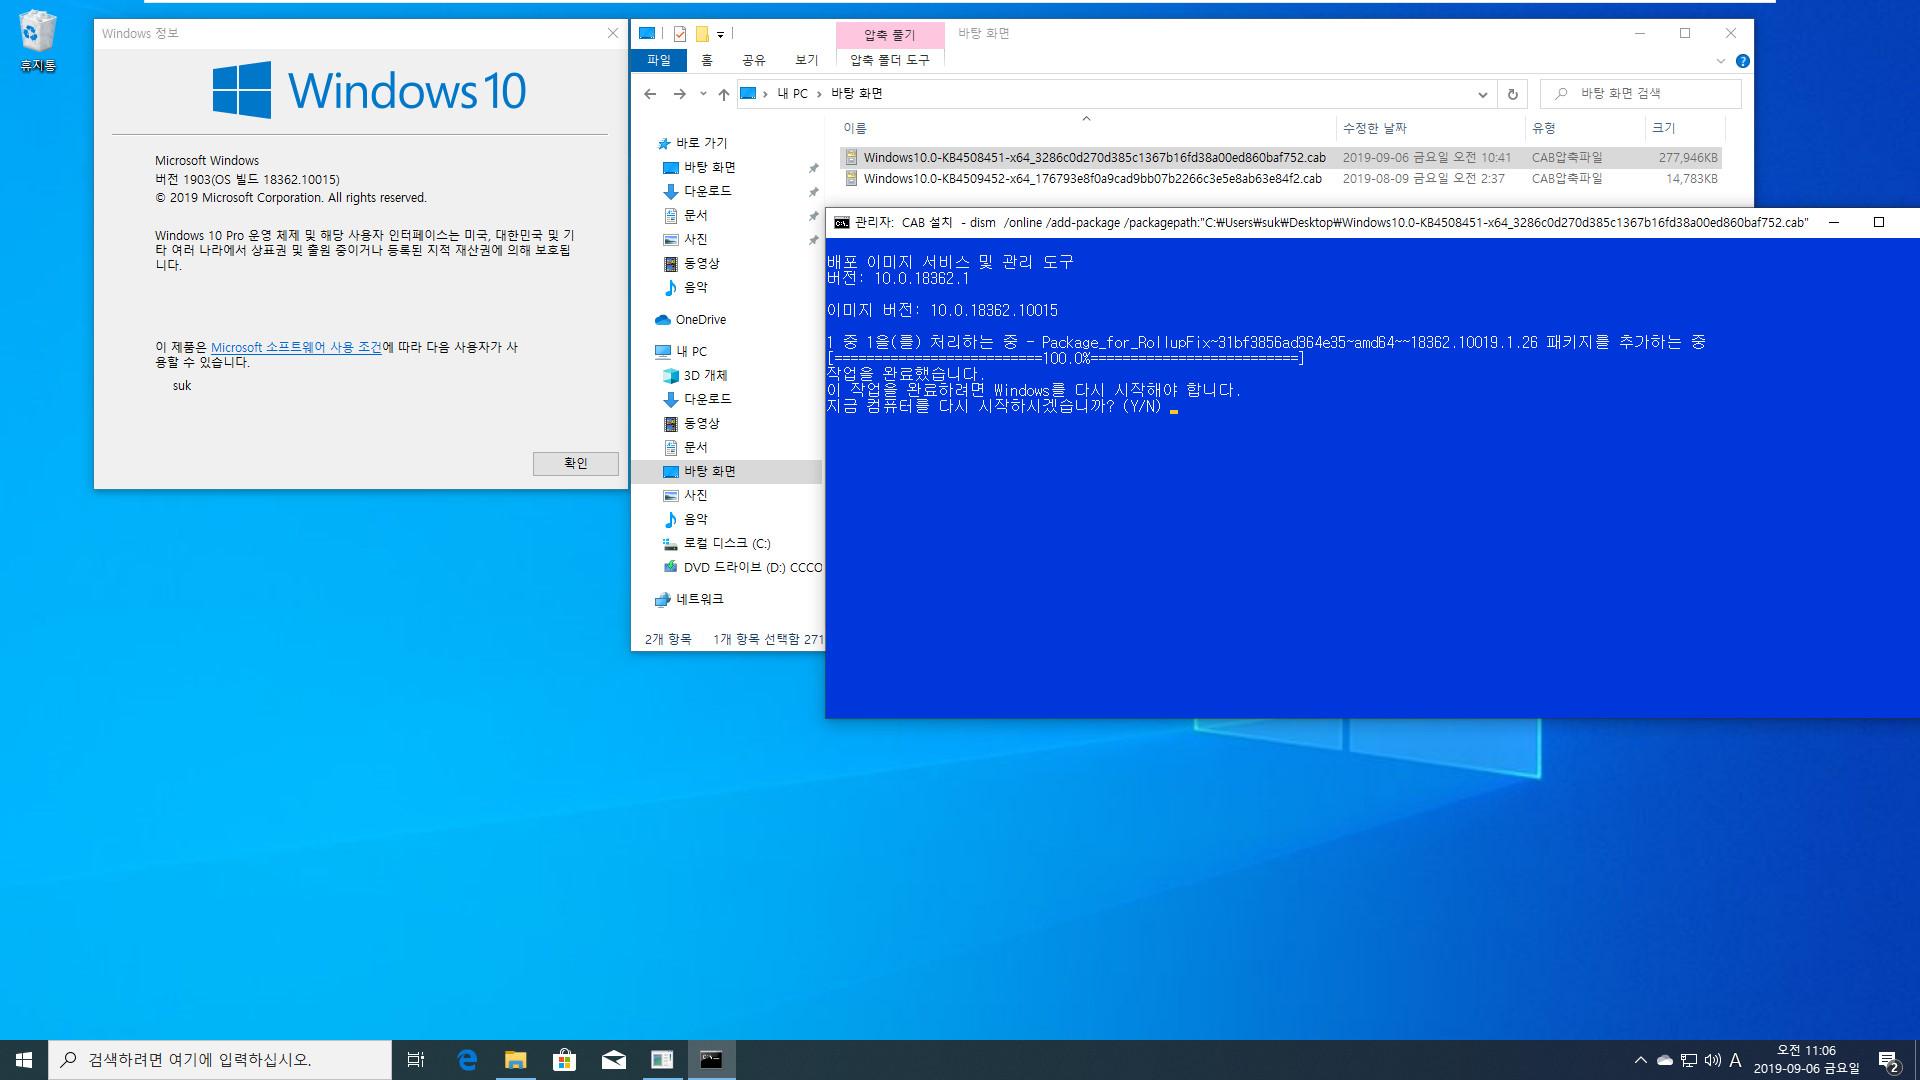 Windows 10 19H2 인사이더 프리뷰 KB4508451 누적 업데이트 (OS 빌드 18362.10019) [2019-09-05 일자] 나왔네요 [슬로우 링] - 설치 테스트 2019-09-06_110631.jpg